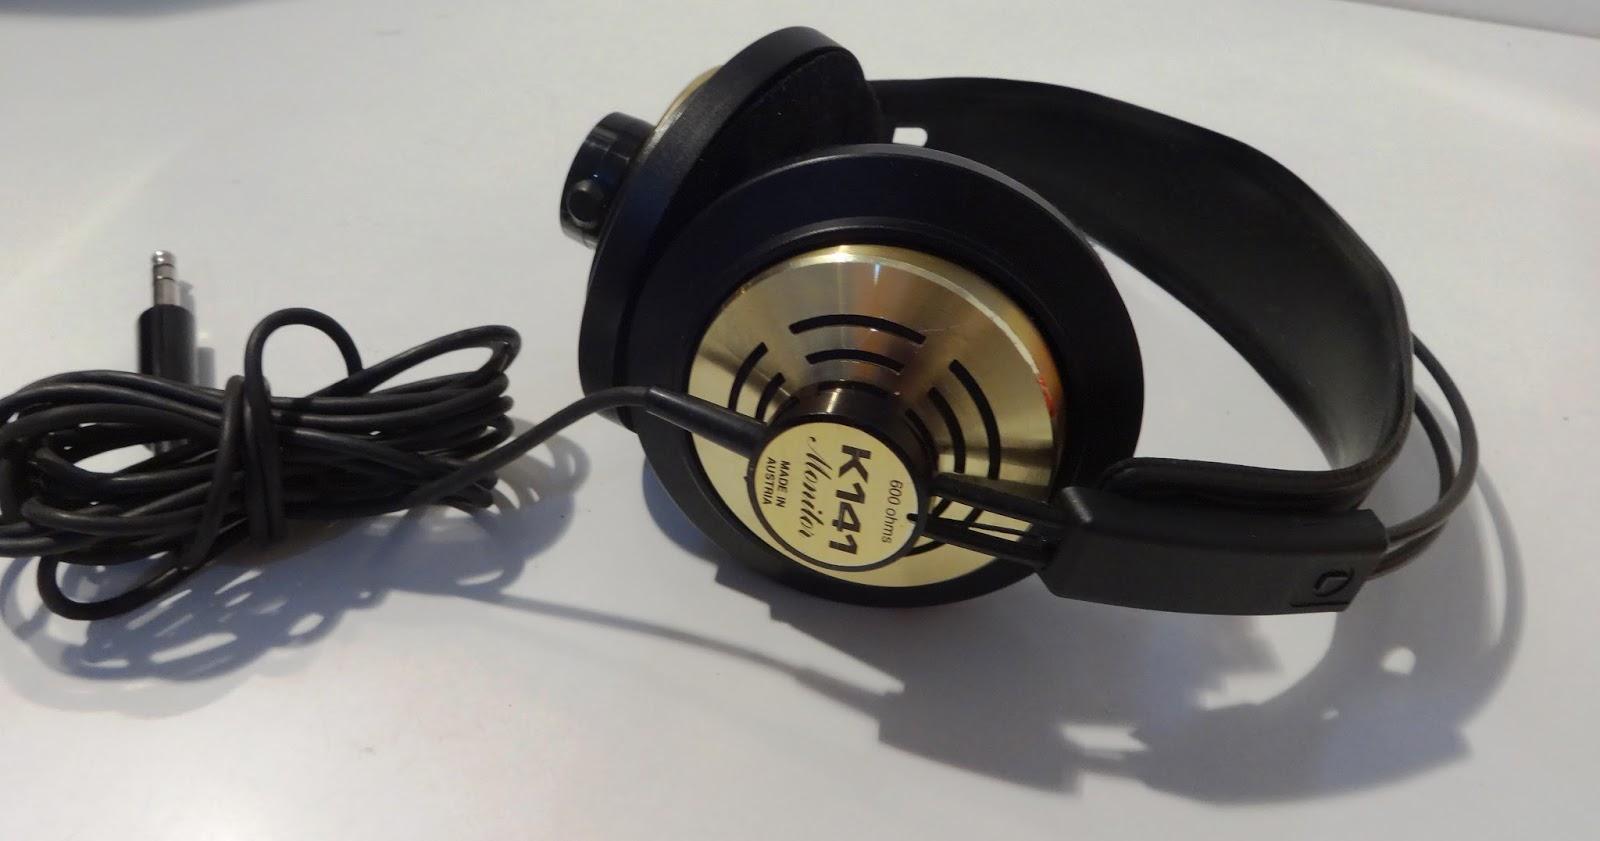 mircogarau  Headphones AKG K 141 monitor 600 ohm Professional Cuffie ... e90d8a407d73